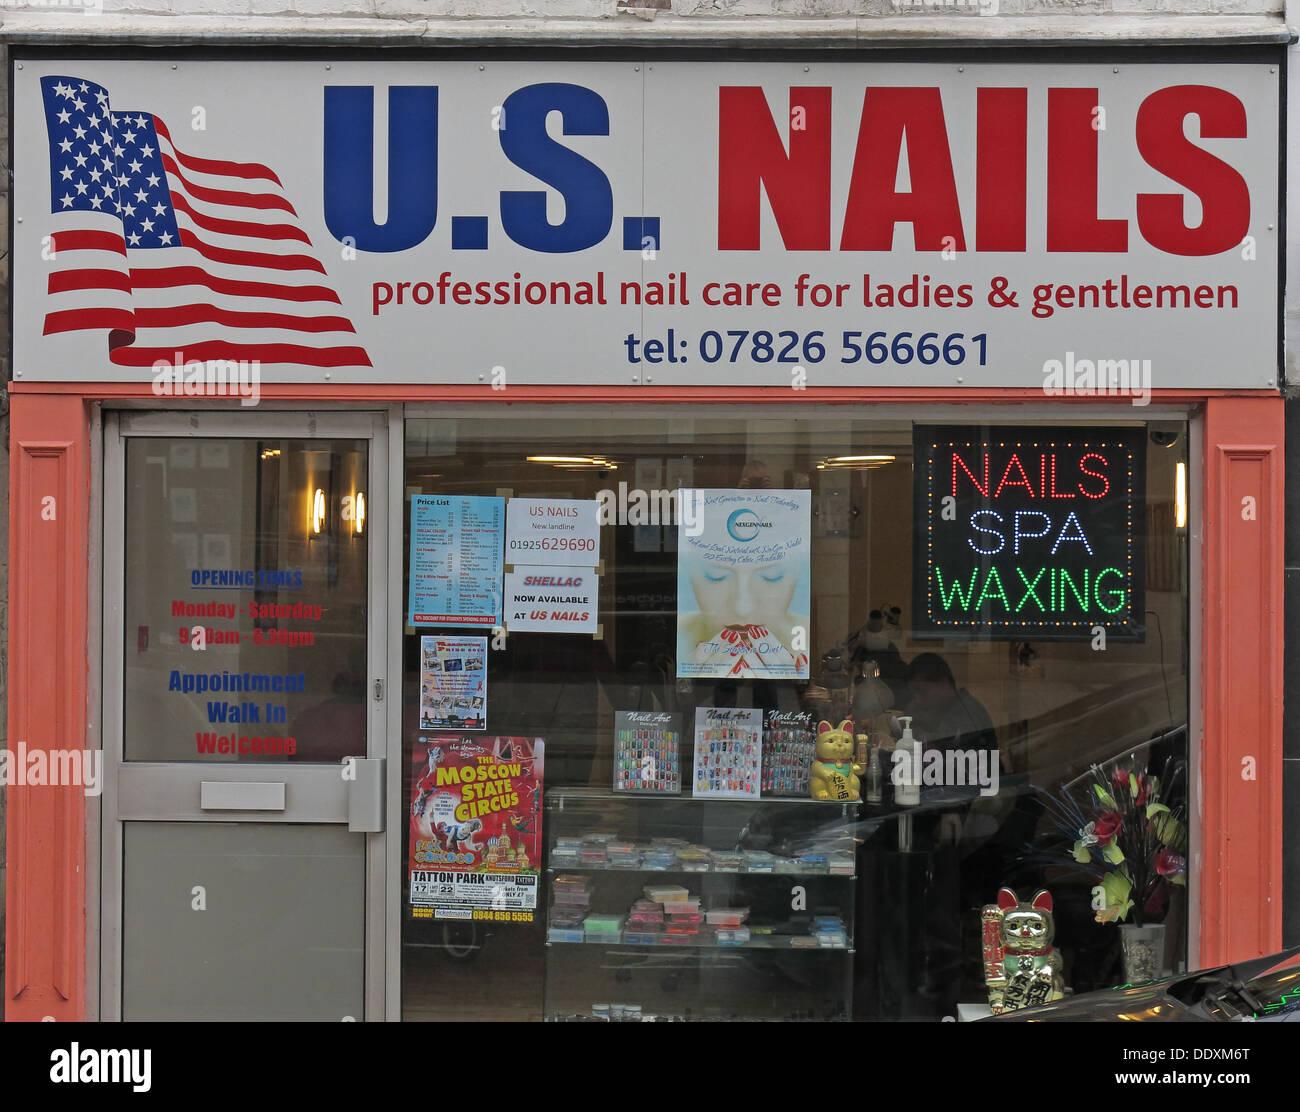 Laden Sie dieses Alamy Stockfoto Unisex nails Shop für Männer und Frauen in Warrington, Cheshire England UK WA1 - DDXM6T